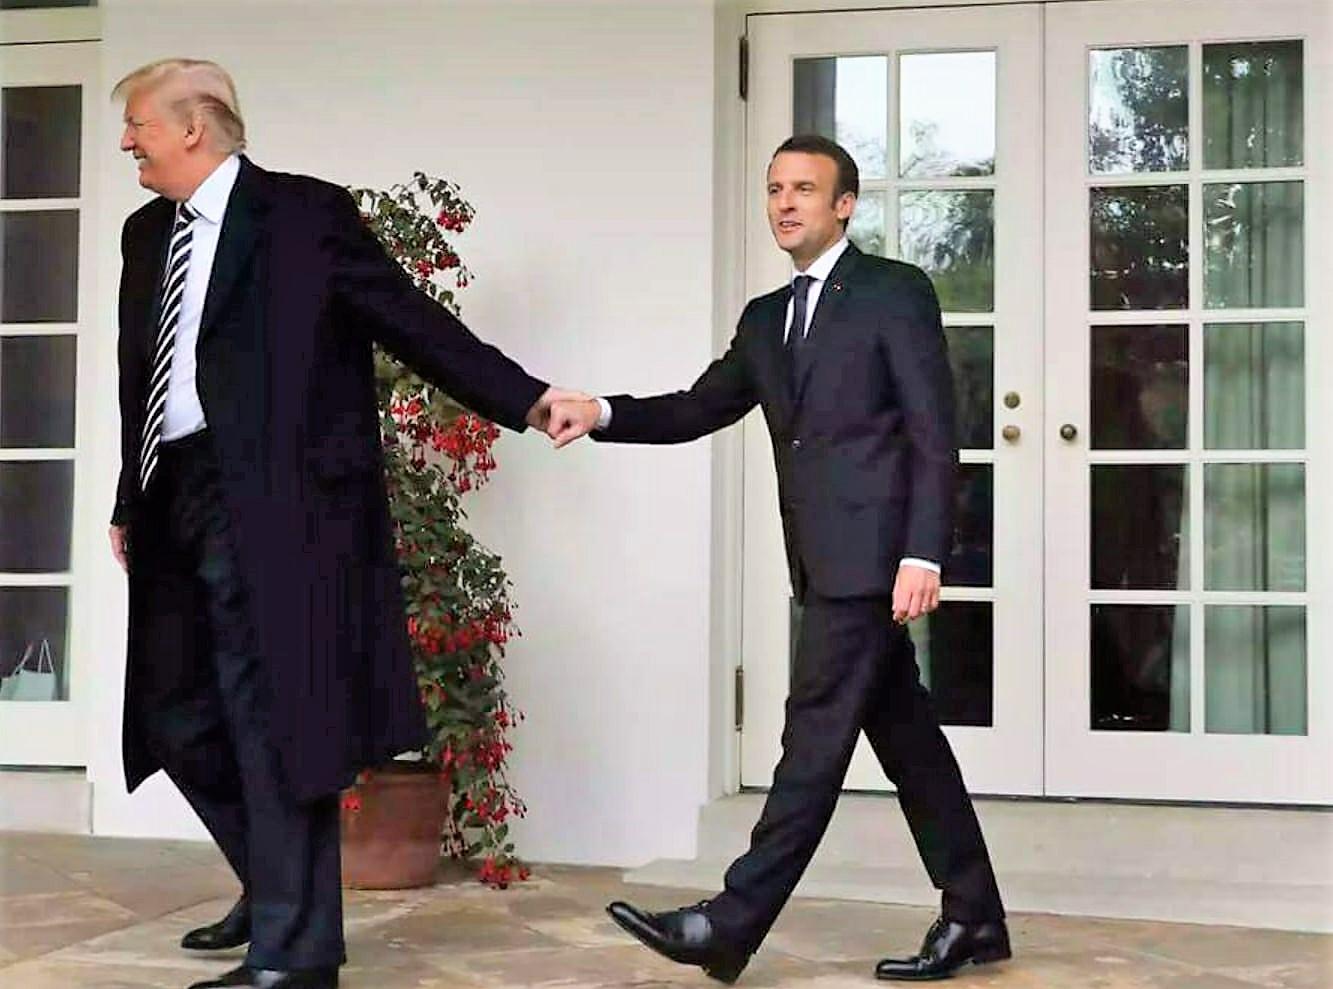 Viens avec moi, mon petit garçon!